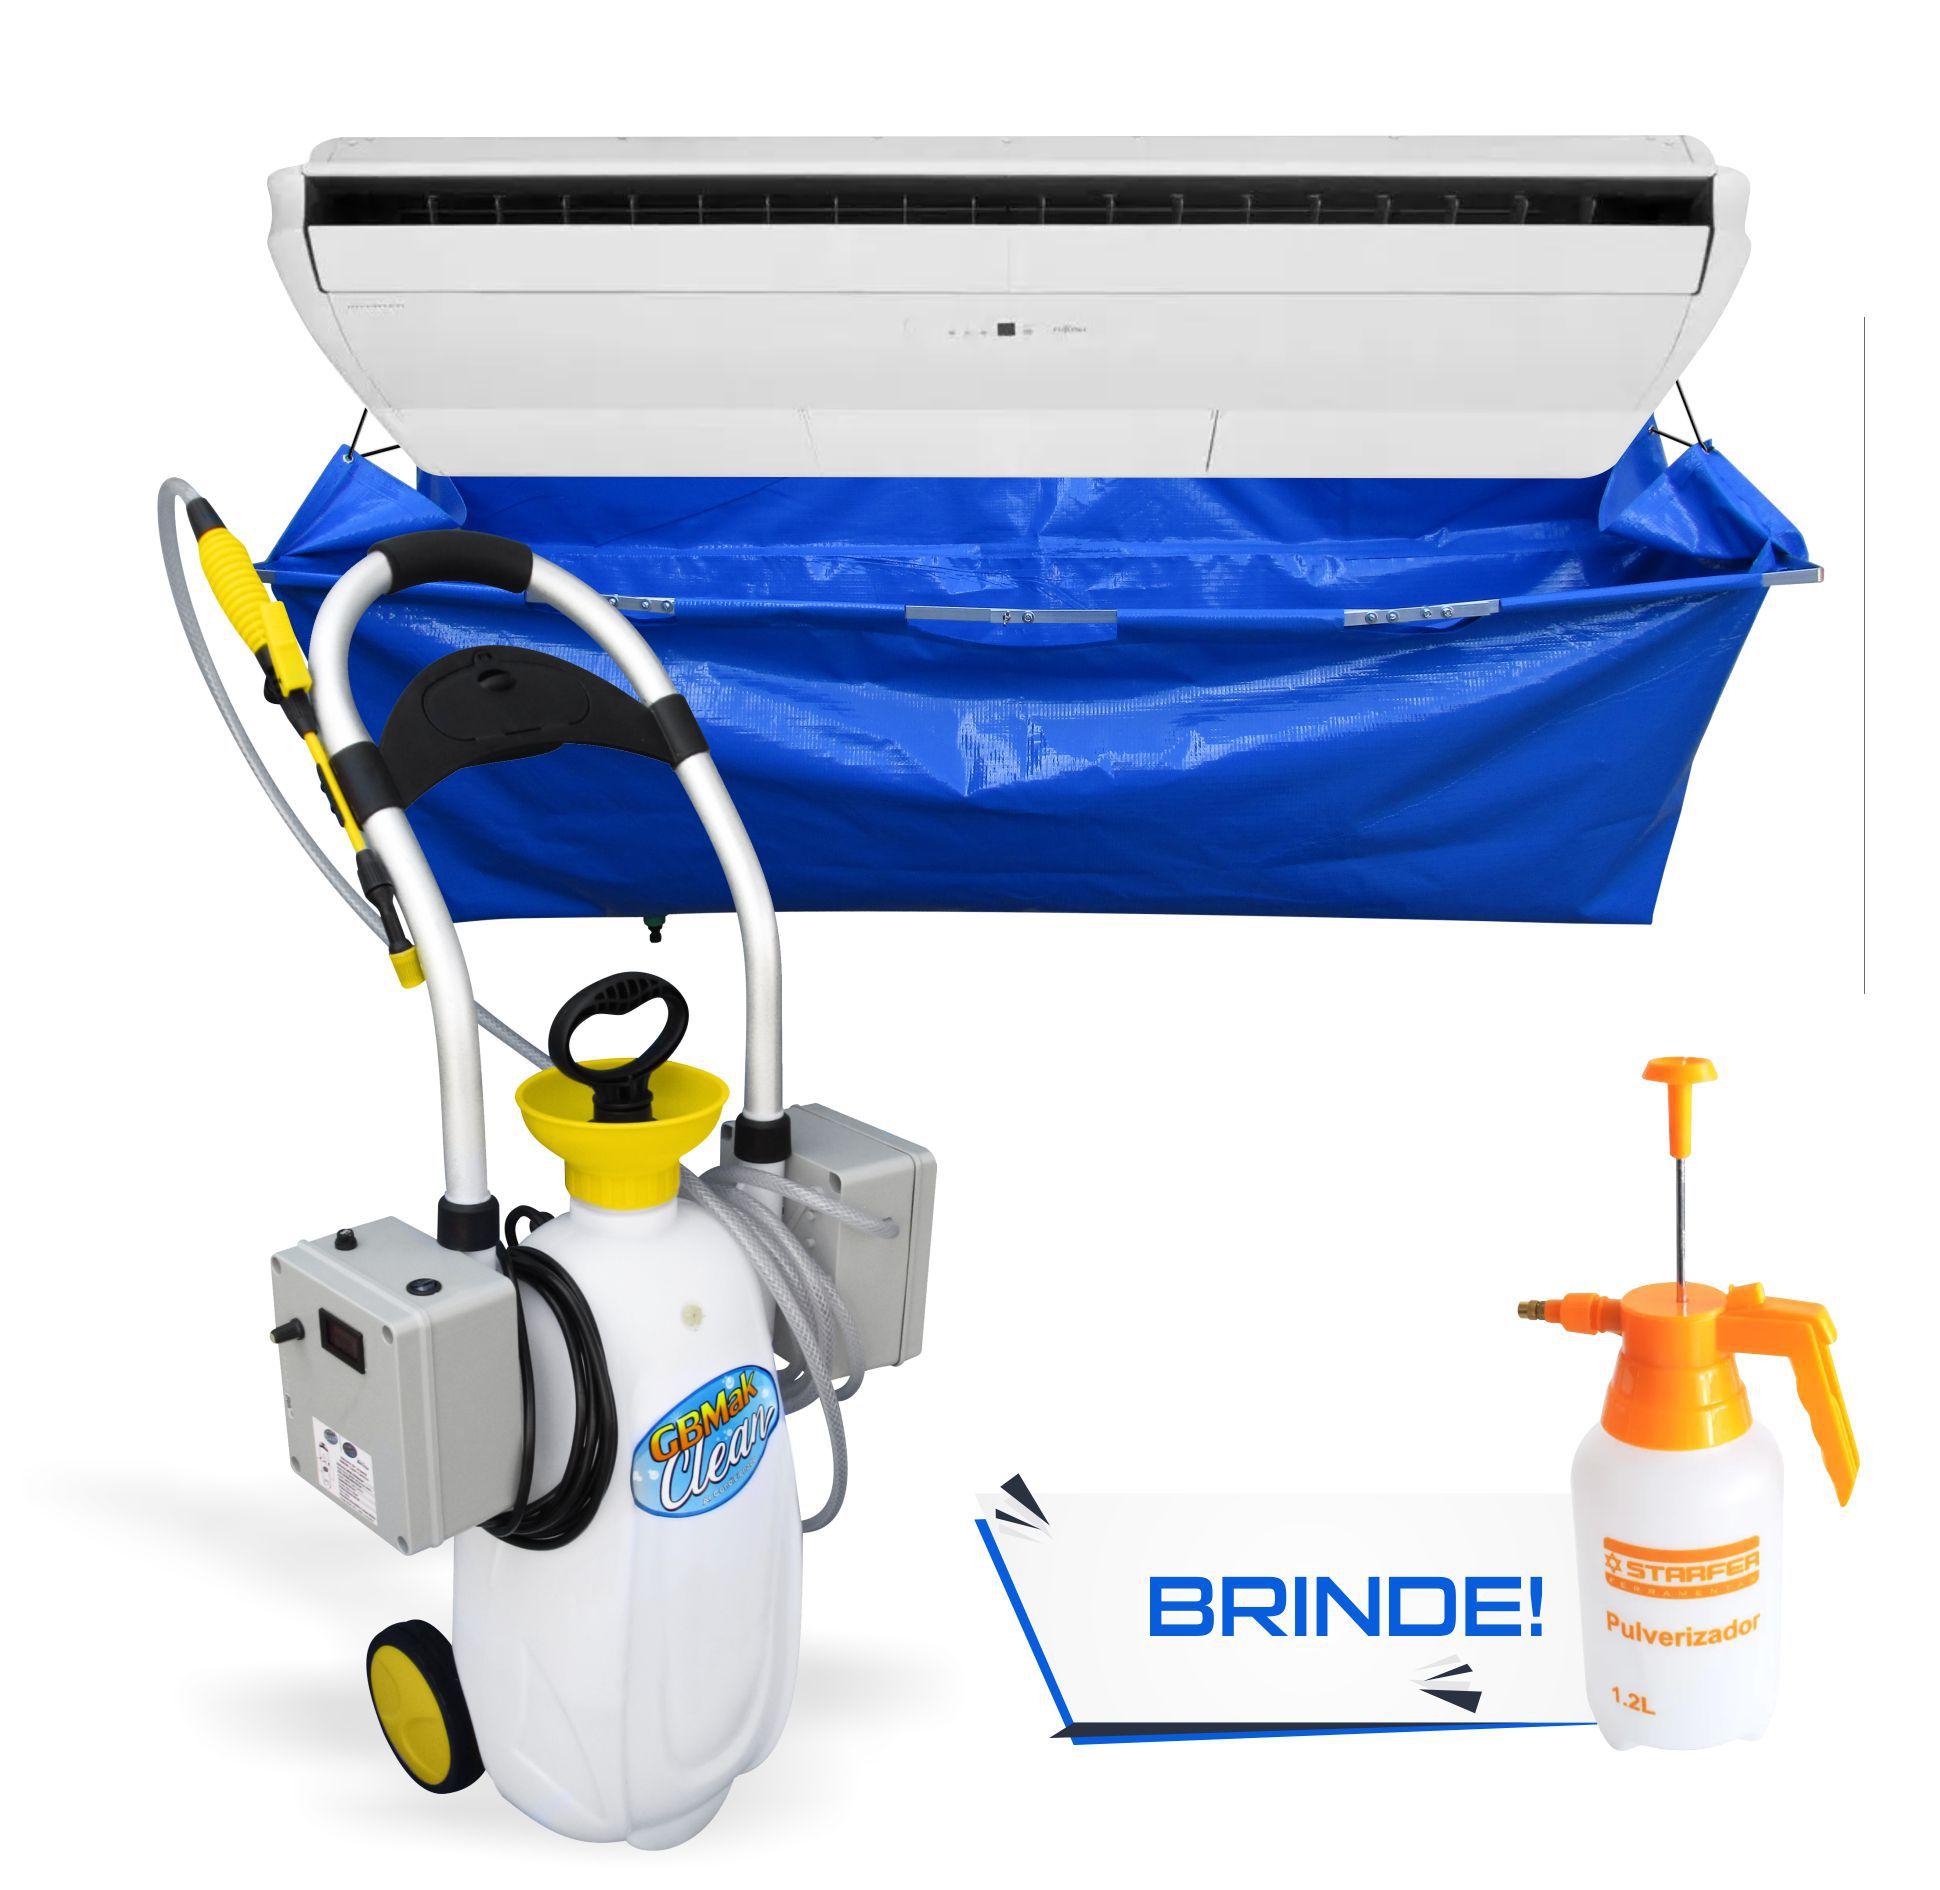 Kit para Limpeza de Ar Condicionado Piso Teto - Maquina Automática GBMak Clean 16 Litros / Pulverizador Manual / Coletor de Resíduos Piso Teto